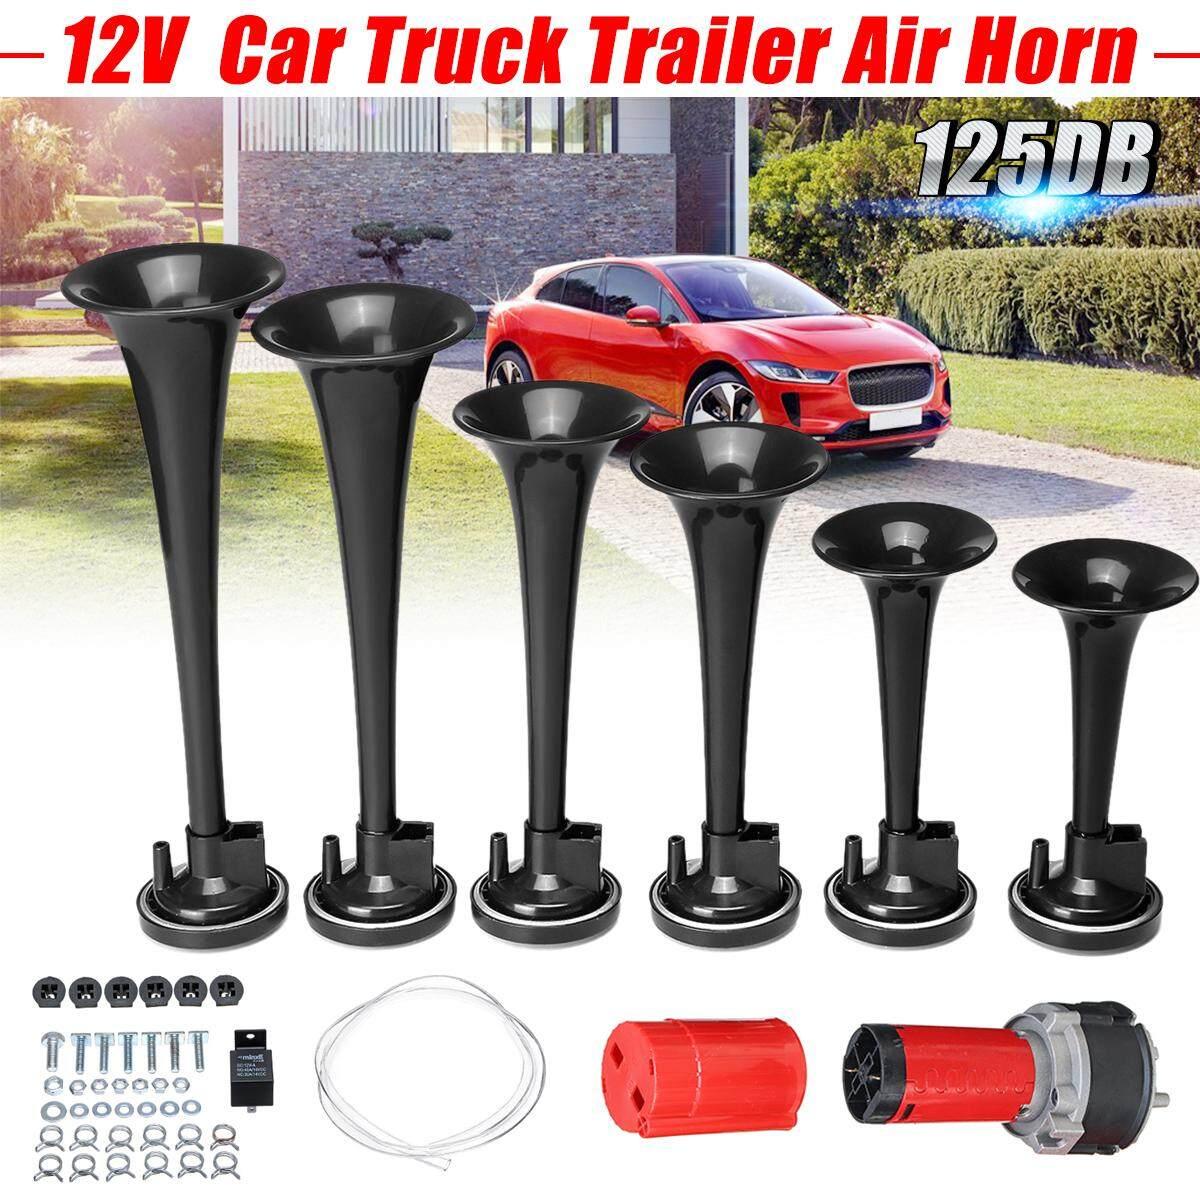 【Free Pengiriman + Flash Deal】125db 6 Terompet Trailer Mobil Truk Bel Udara Kit Keras Musik Suara 12 V Hitam